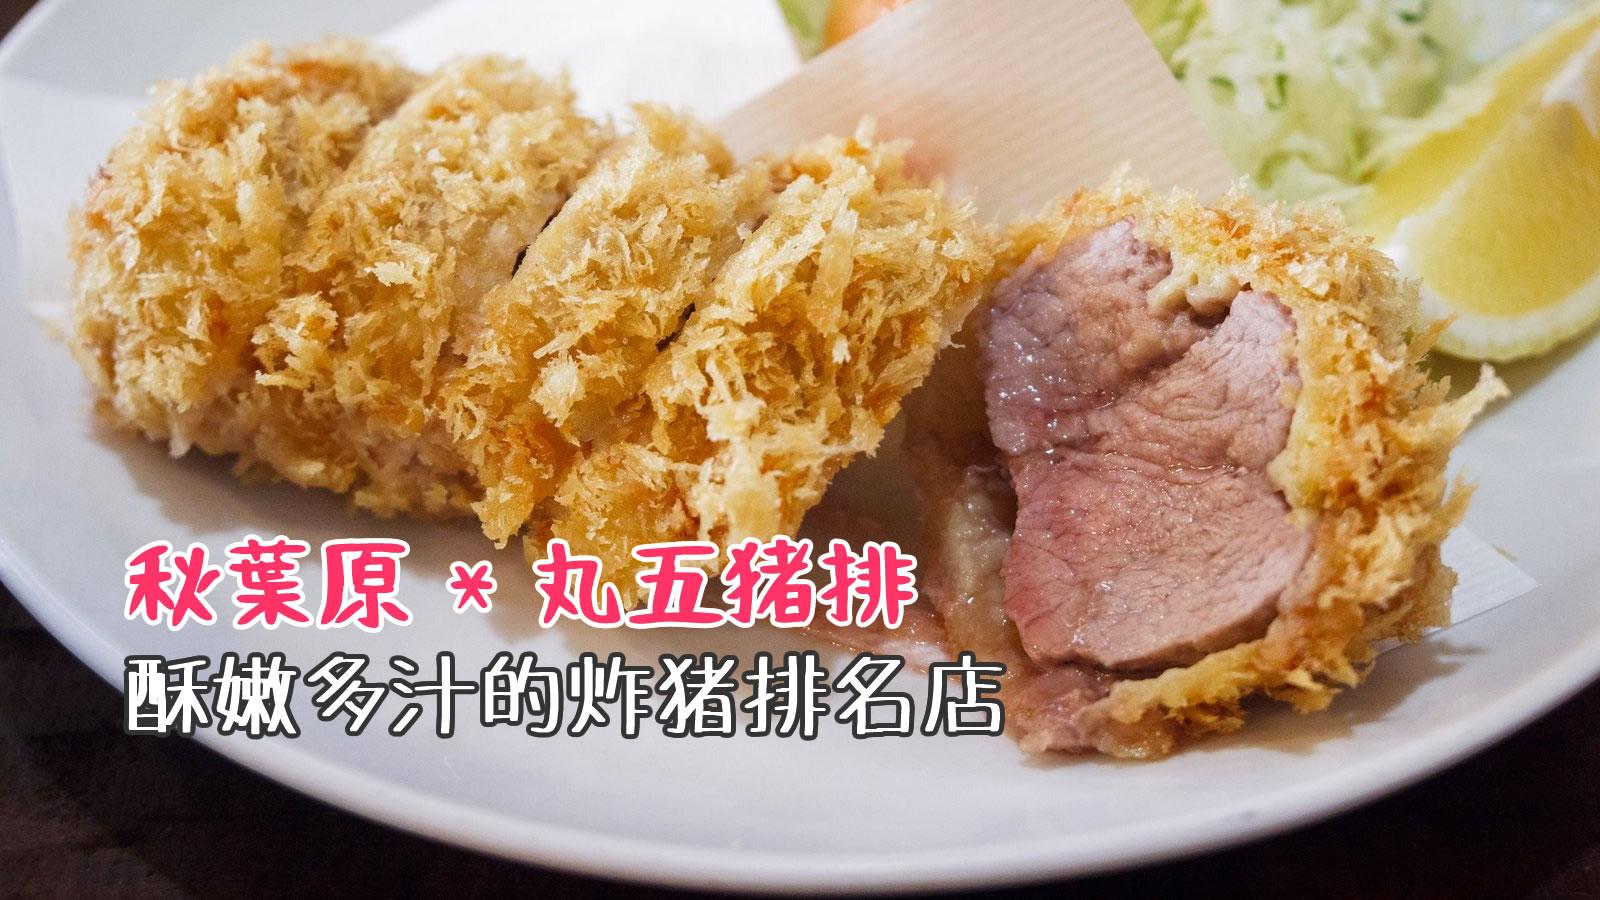 【東京美食】秋葉原 丸五豬排 》酥嫩多汁的炸豬排,東京TOP5炸豬排人氣名店 1